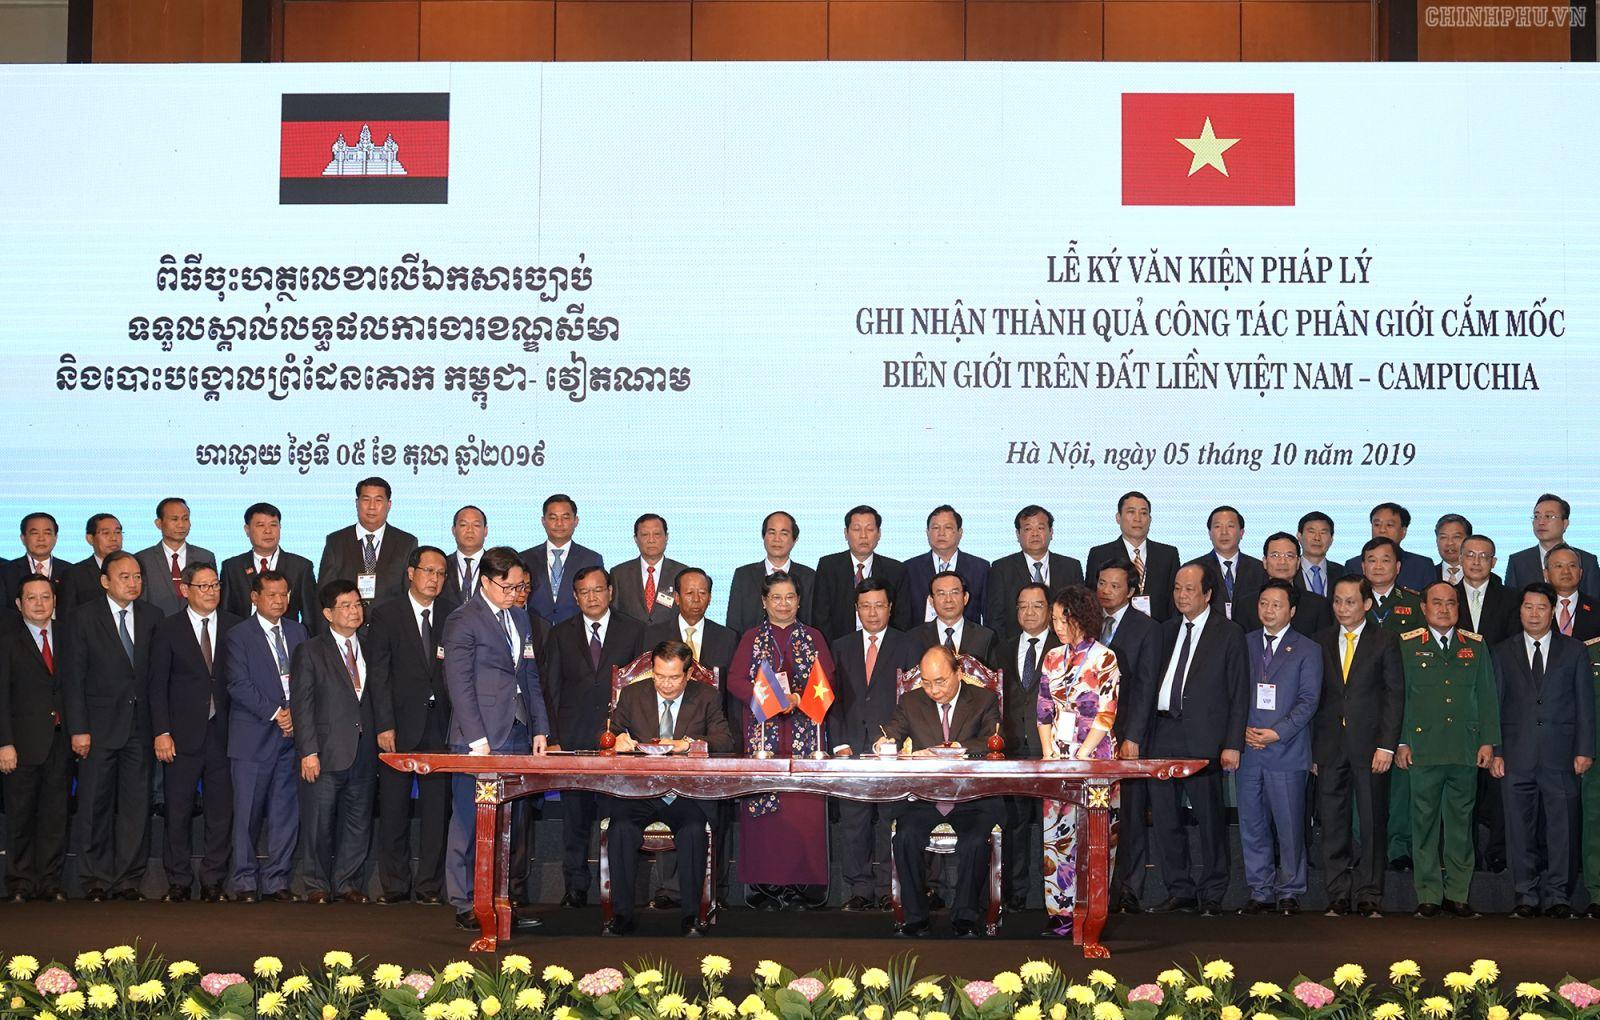 Thủ tướng hai nước ký Hiệp ước bổ sung Hiệp ước Hoạch định biên giới quốc gia năm 1985 và Hiệp ước bổ sung năm 2005 giữa Việt Nam và Campuchia. Ảnh: VGP/Quang Hiếu